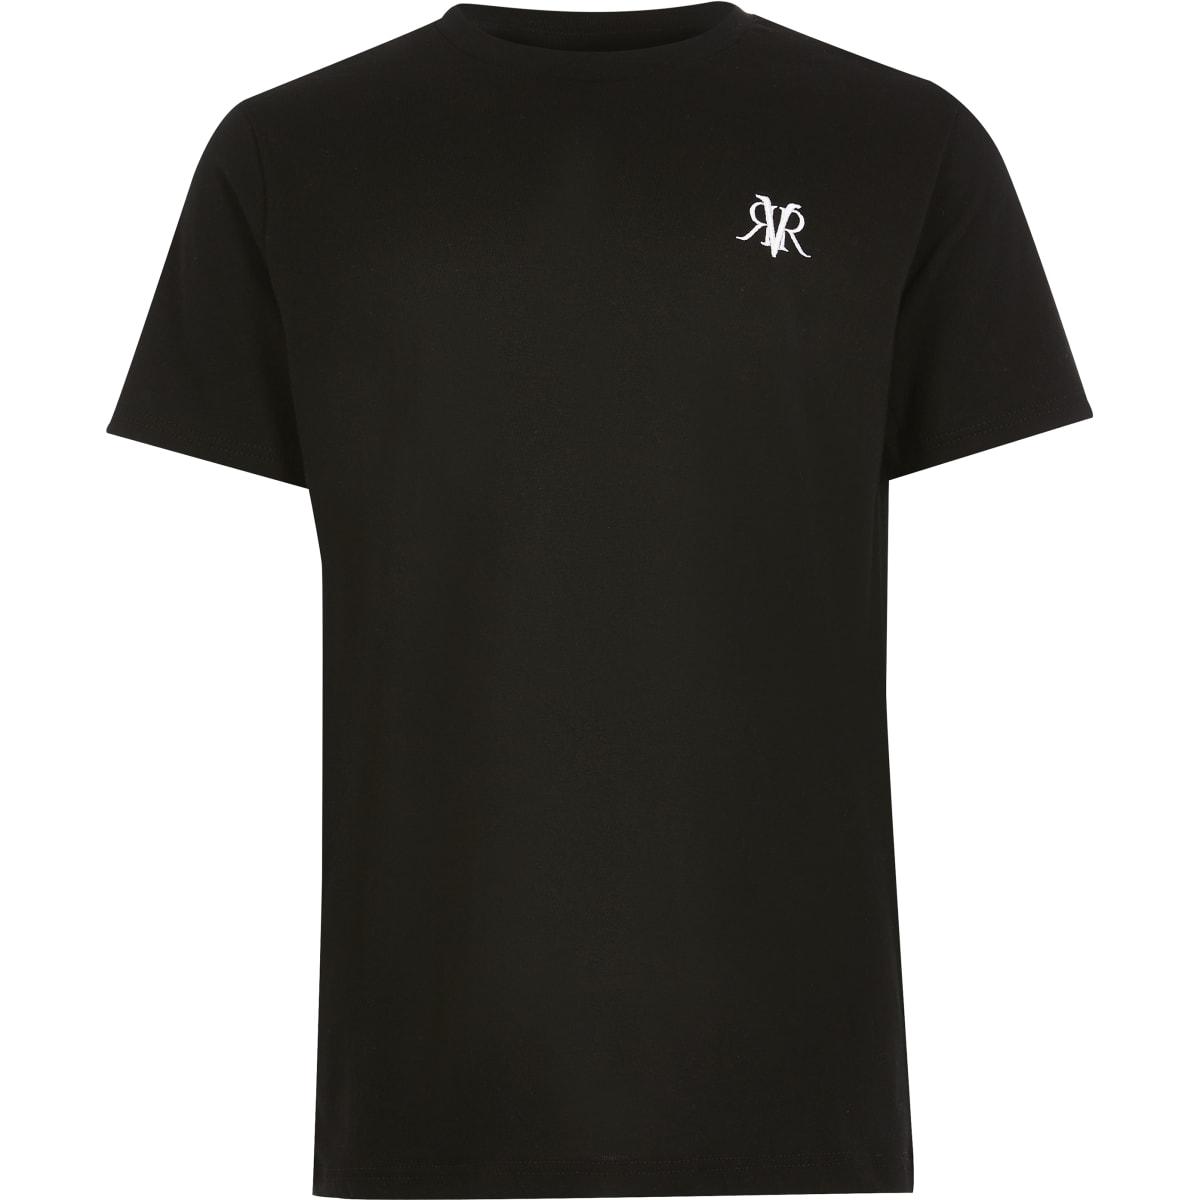 Zwart RVR T-shirt voor jongens